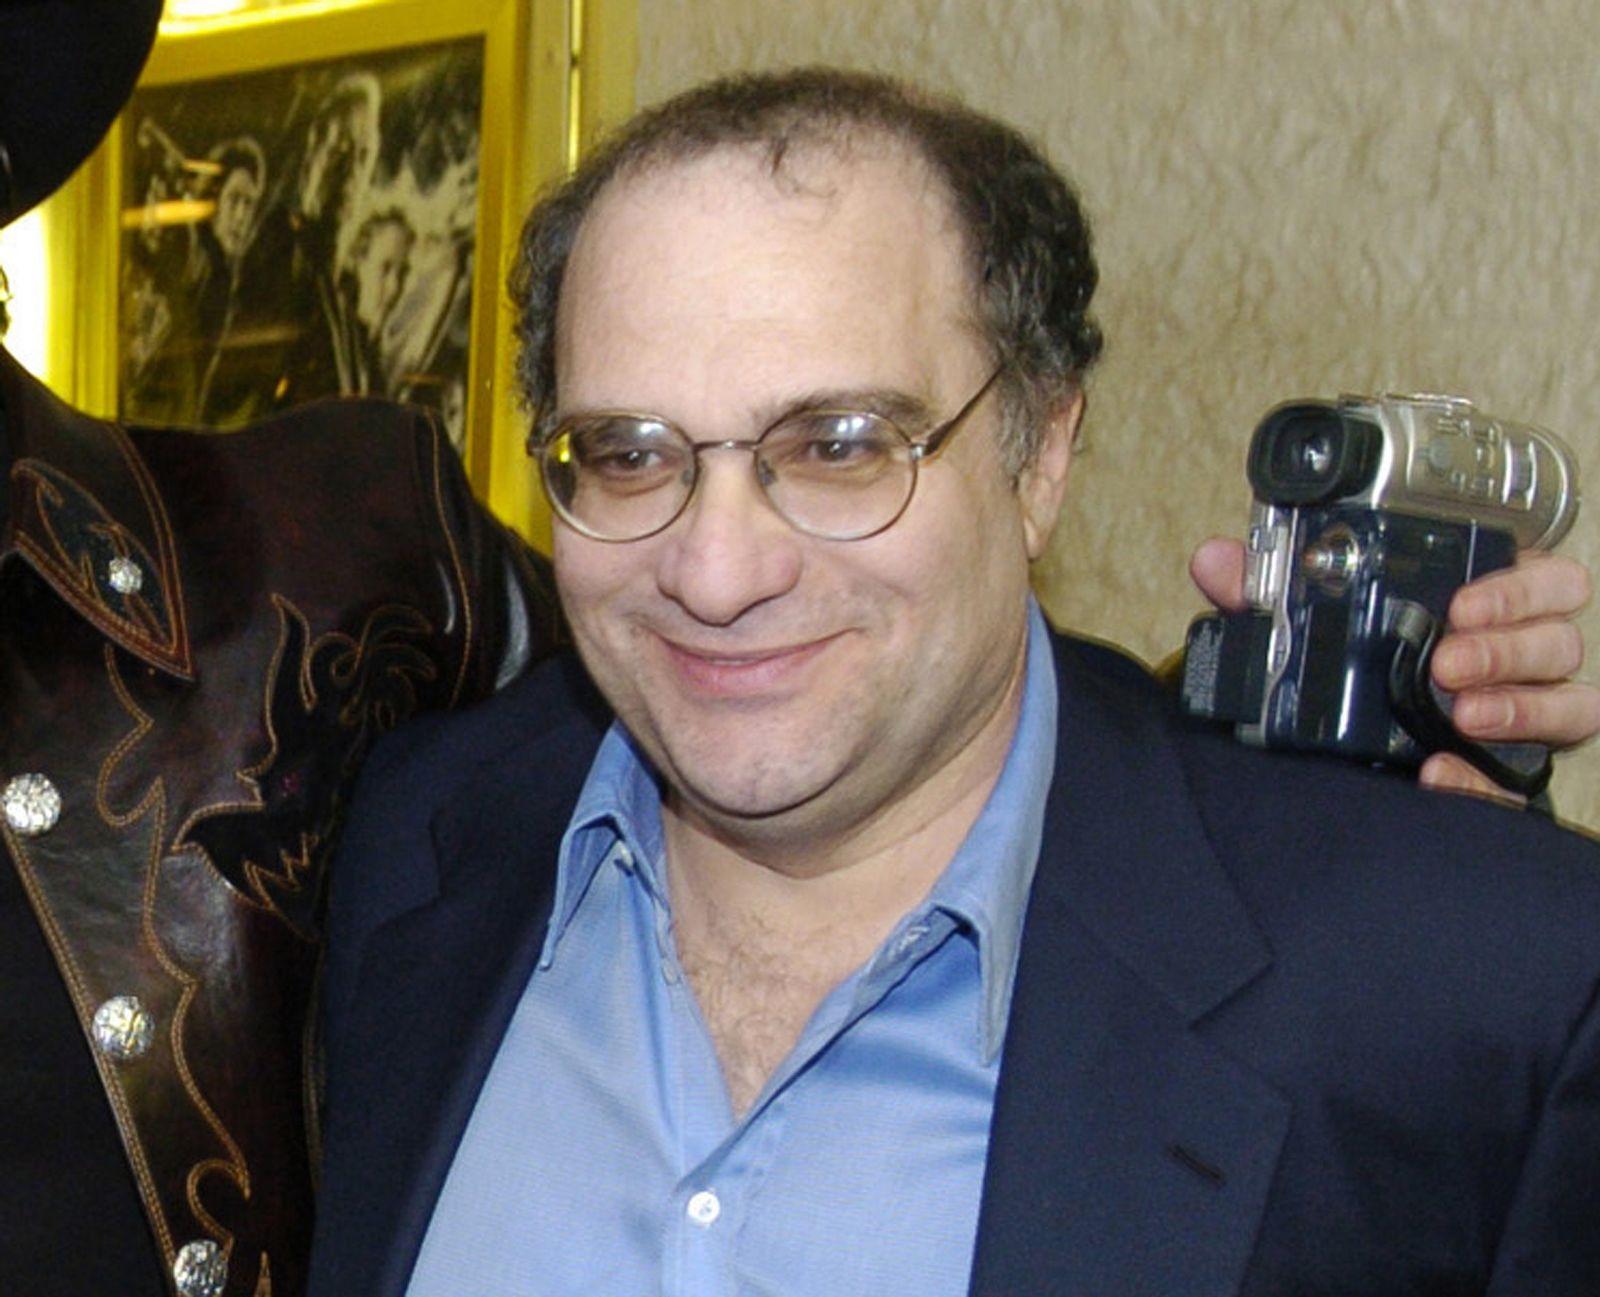 Bob Weinstein Allegations